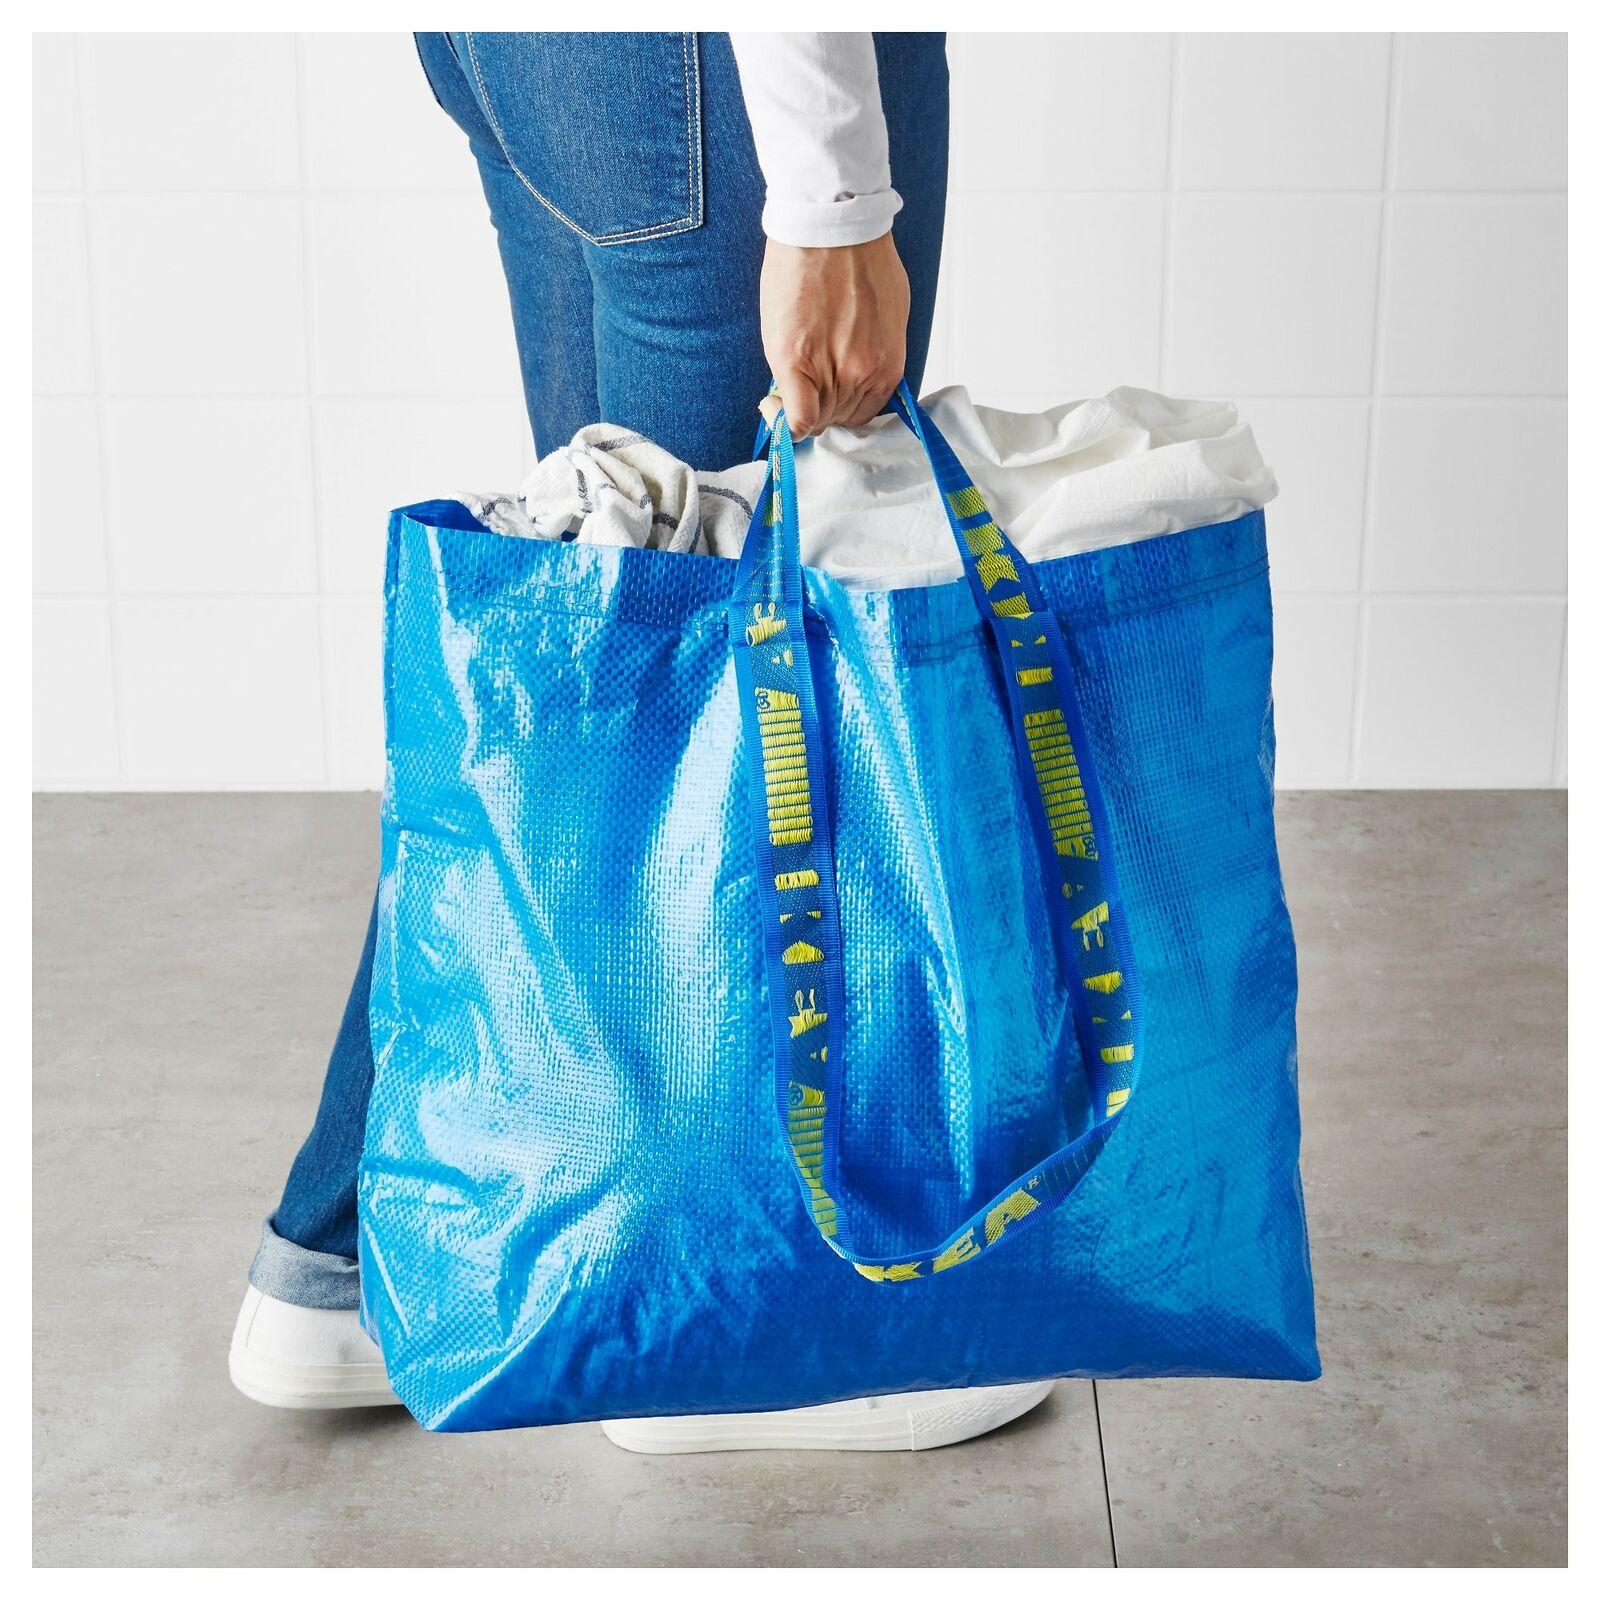 load 55LB Blue,Volume36 L,Max Medium IKEA Carrier Bag